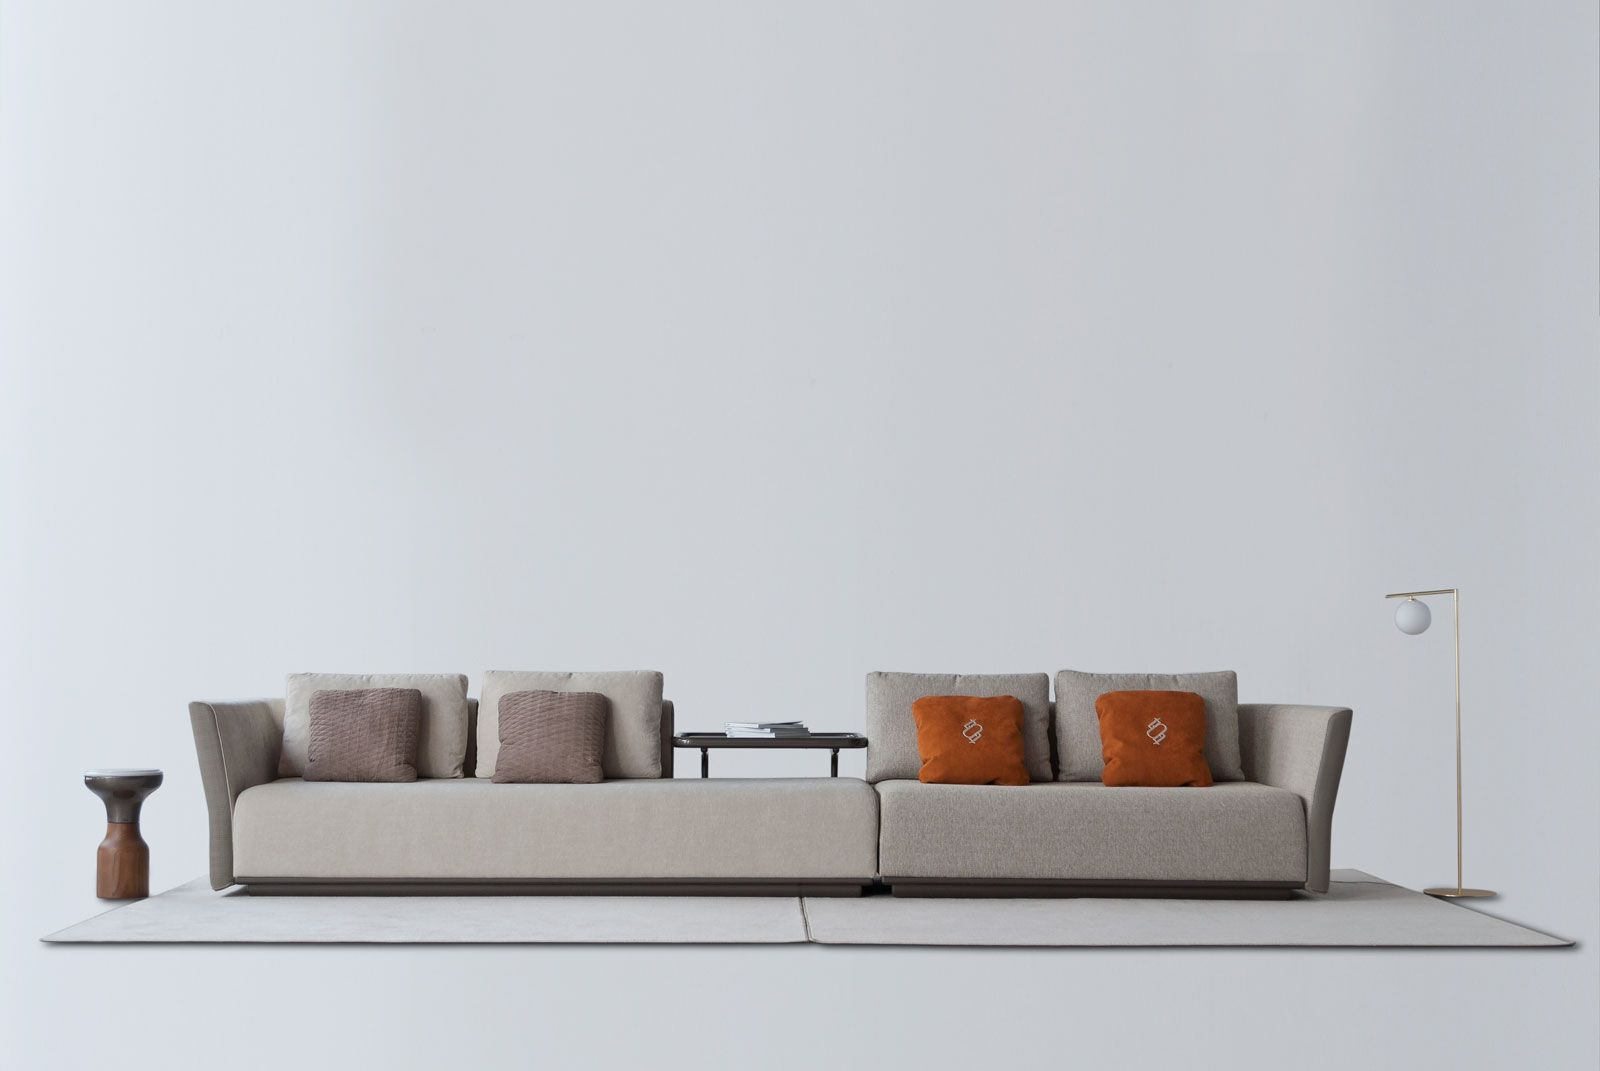 1742 Sofa Modular Base Piel Nature Acabado Antracita Brillo 4220 3